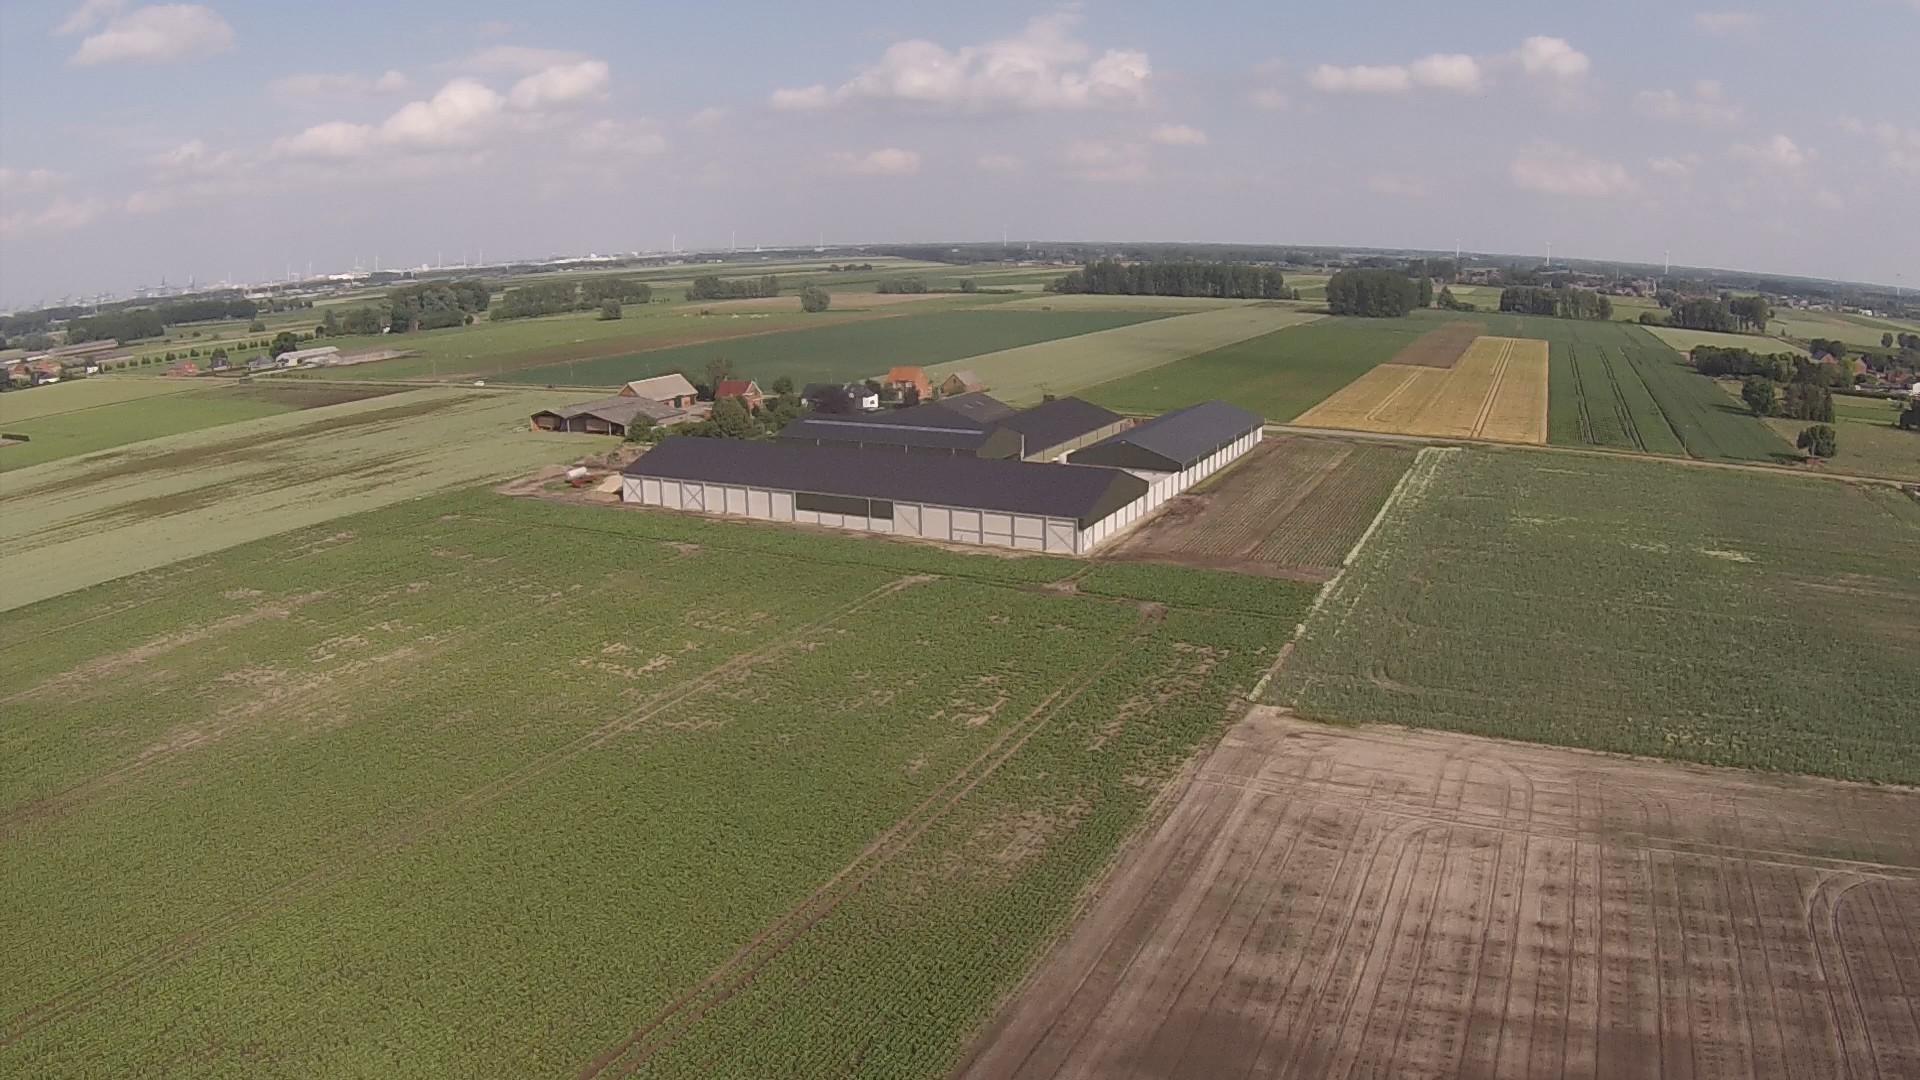 Thielman bvba_aardappelloods_aardappelopslagloods_Hangar pommes de terre_Meerdonk (5).jpg